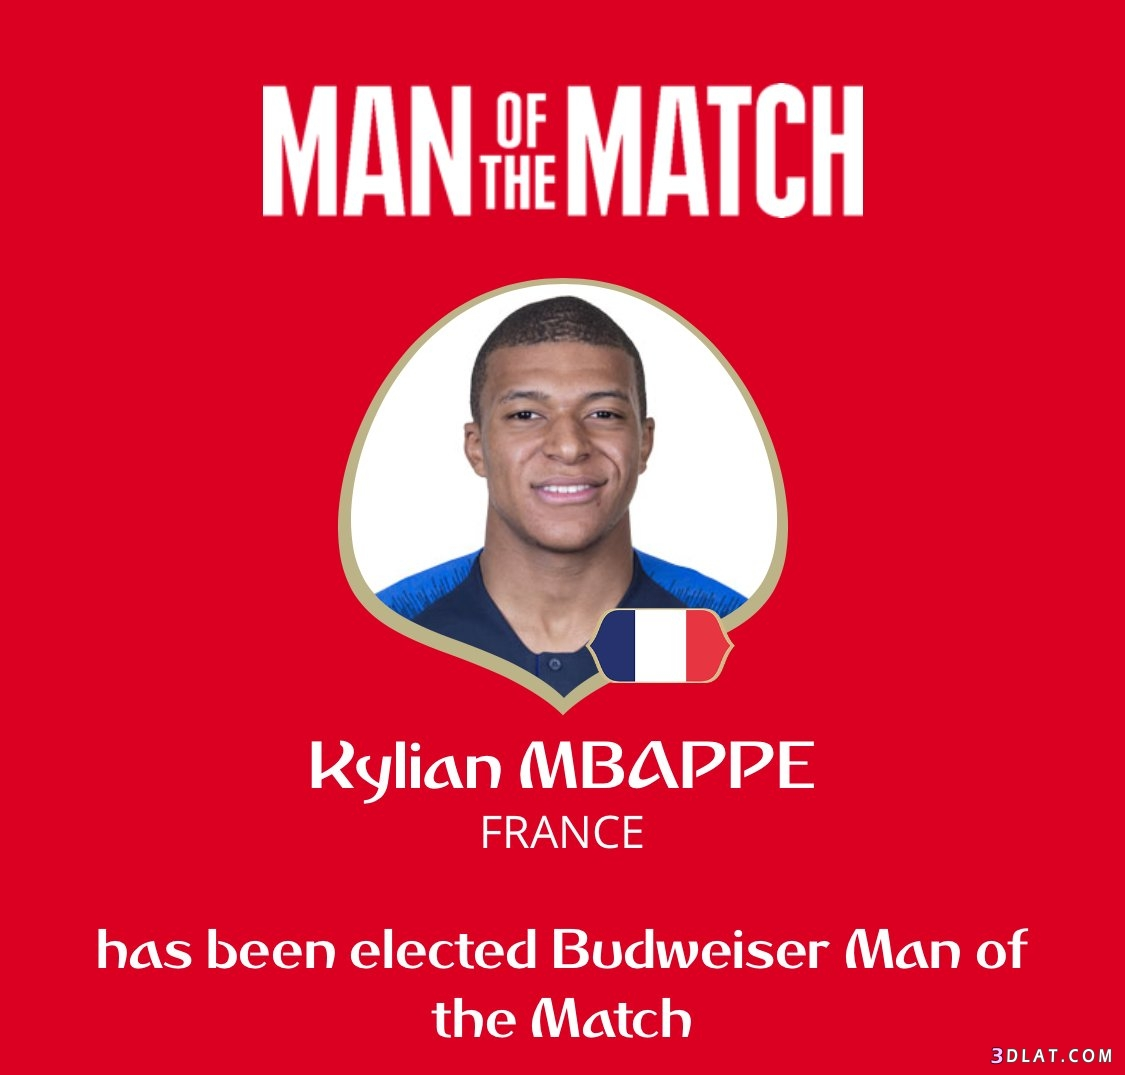 مبابى مباراة فرنسا وبيرو 3dlat.com_05_18_2e45